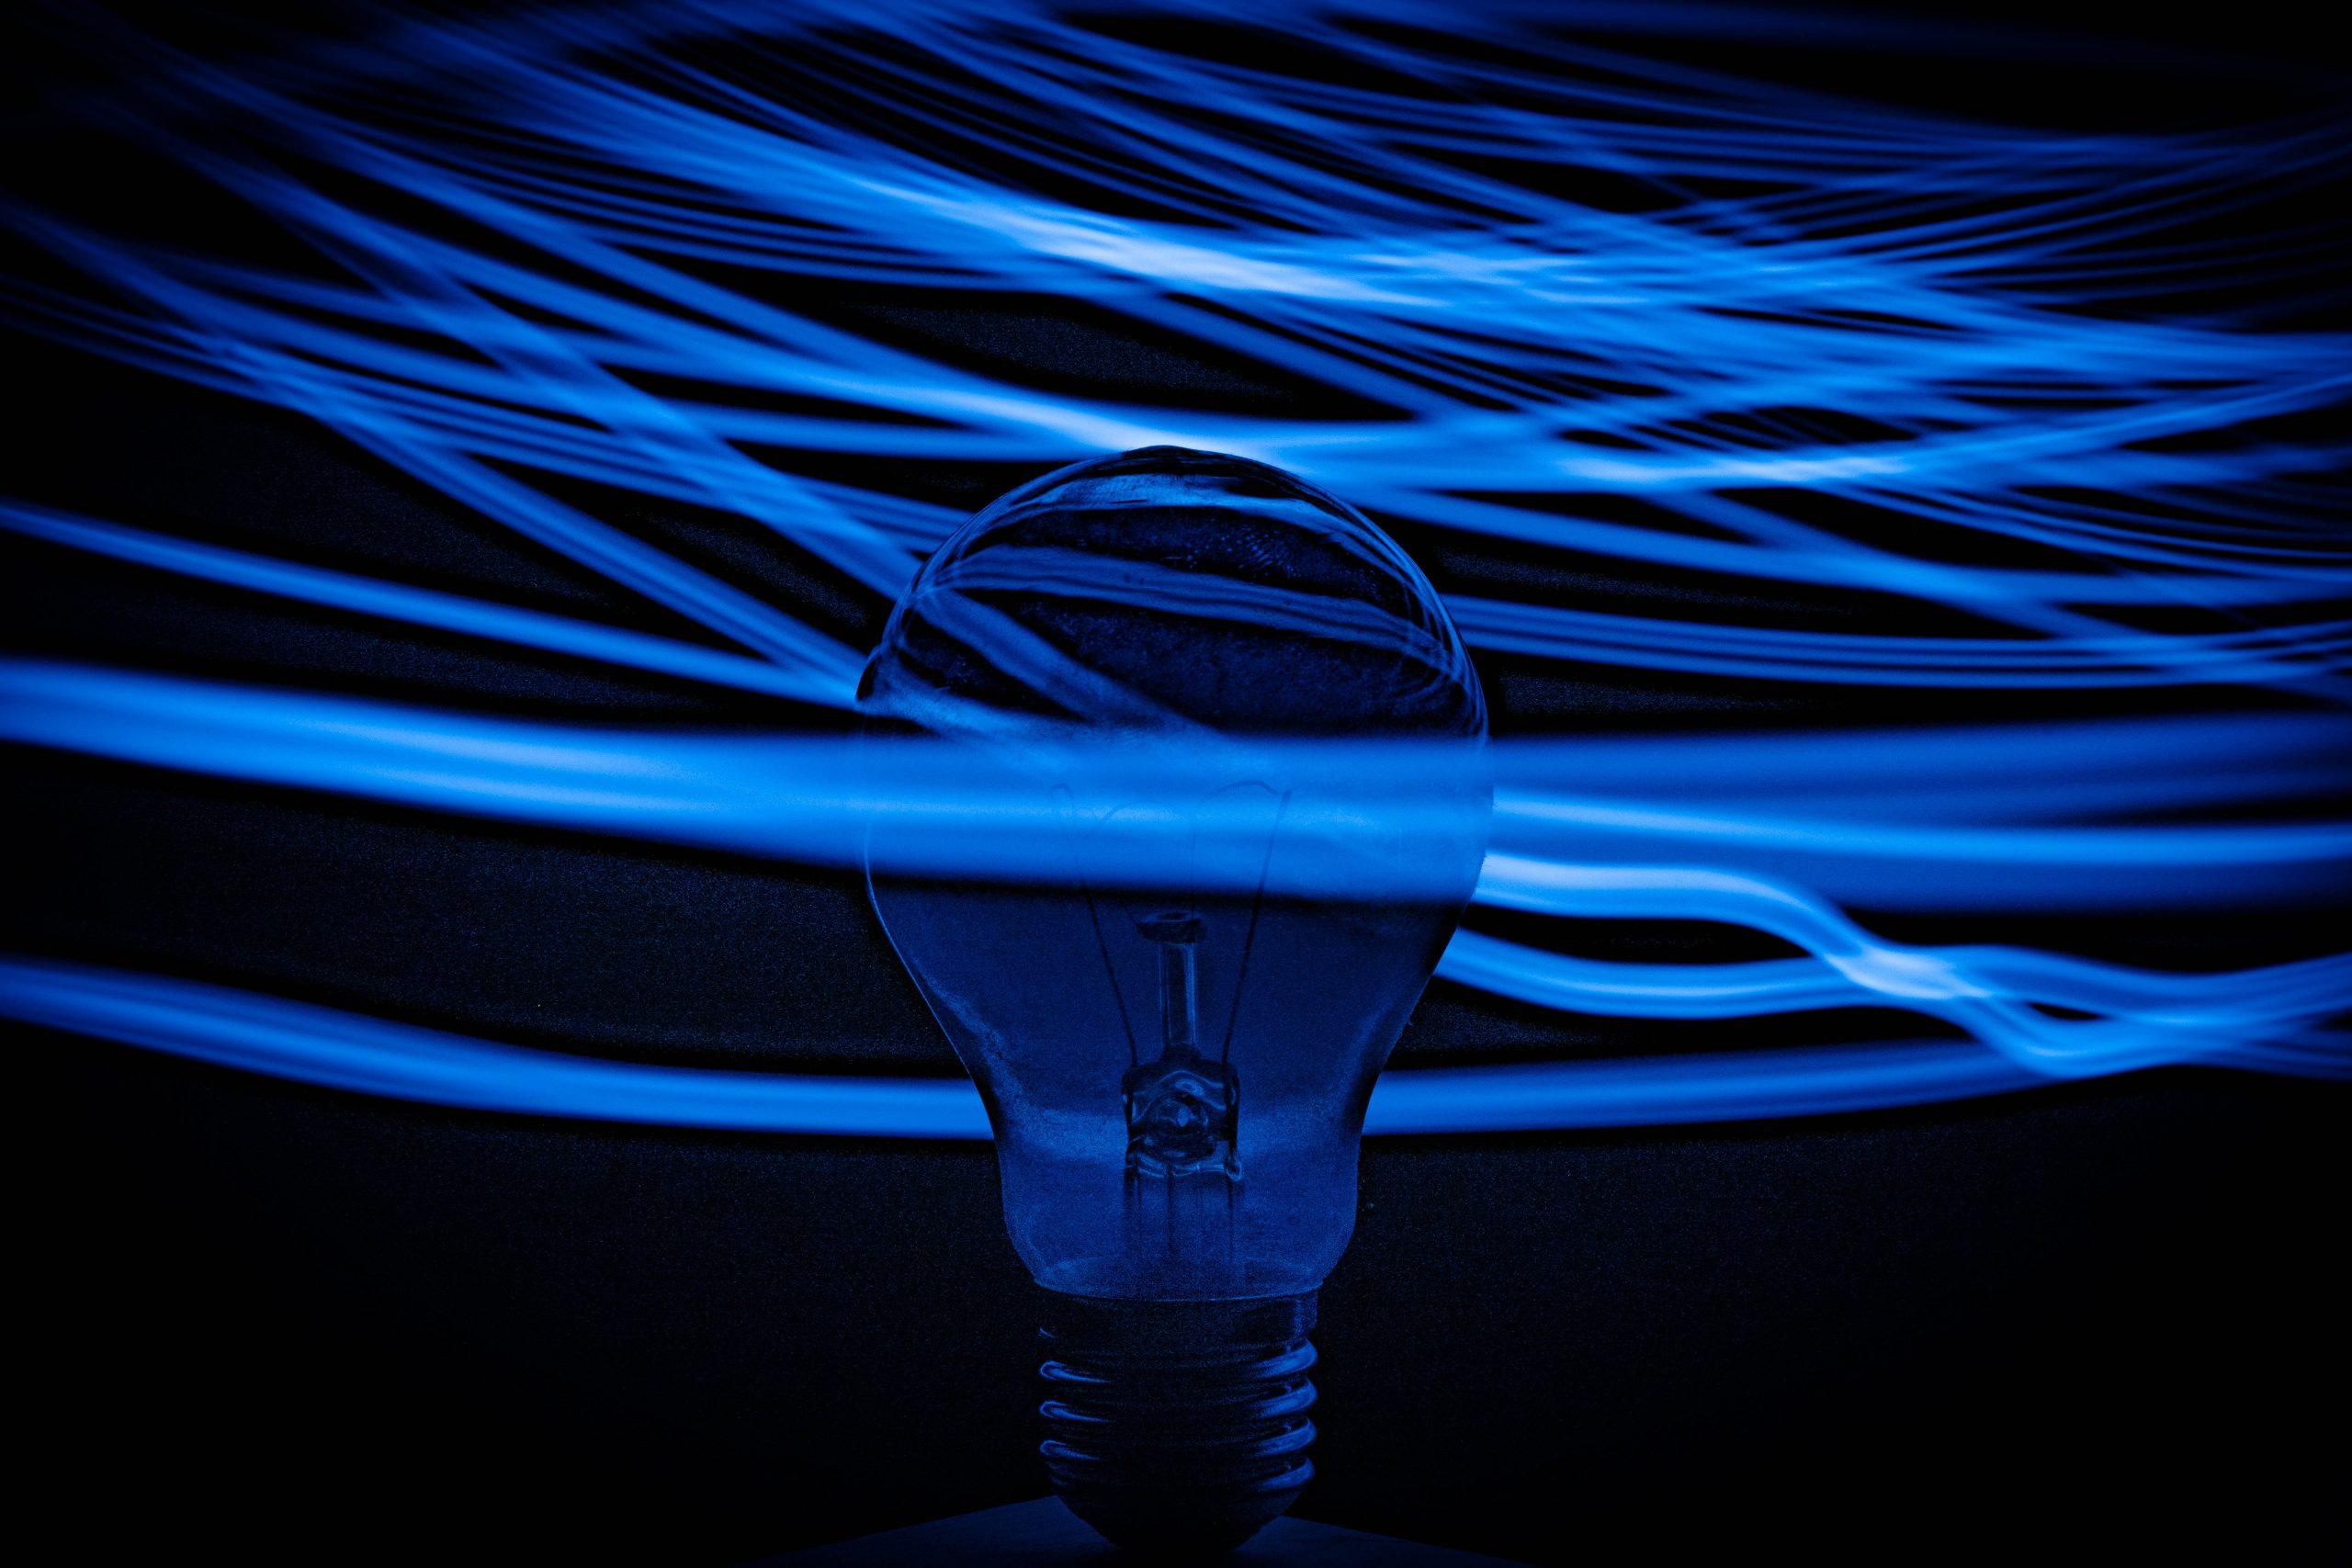 ¿Cómo impulsar la innovación y la creatividad en el mundo de la energía?